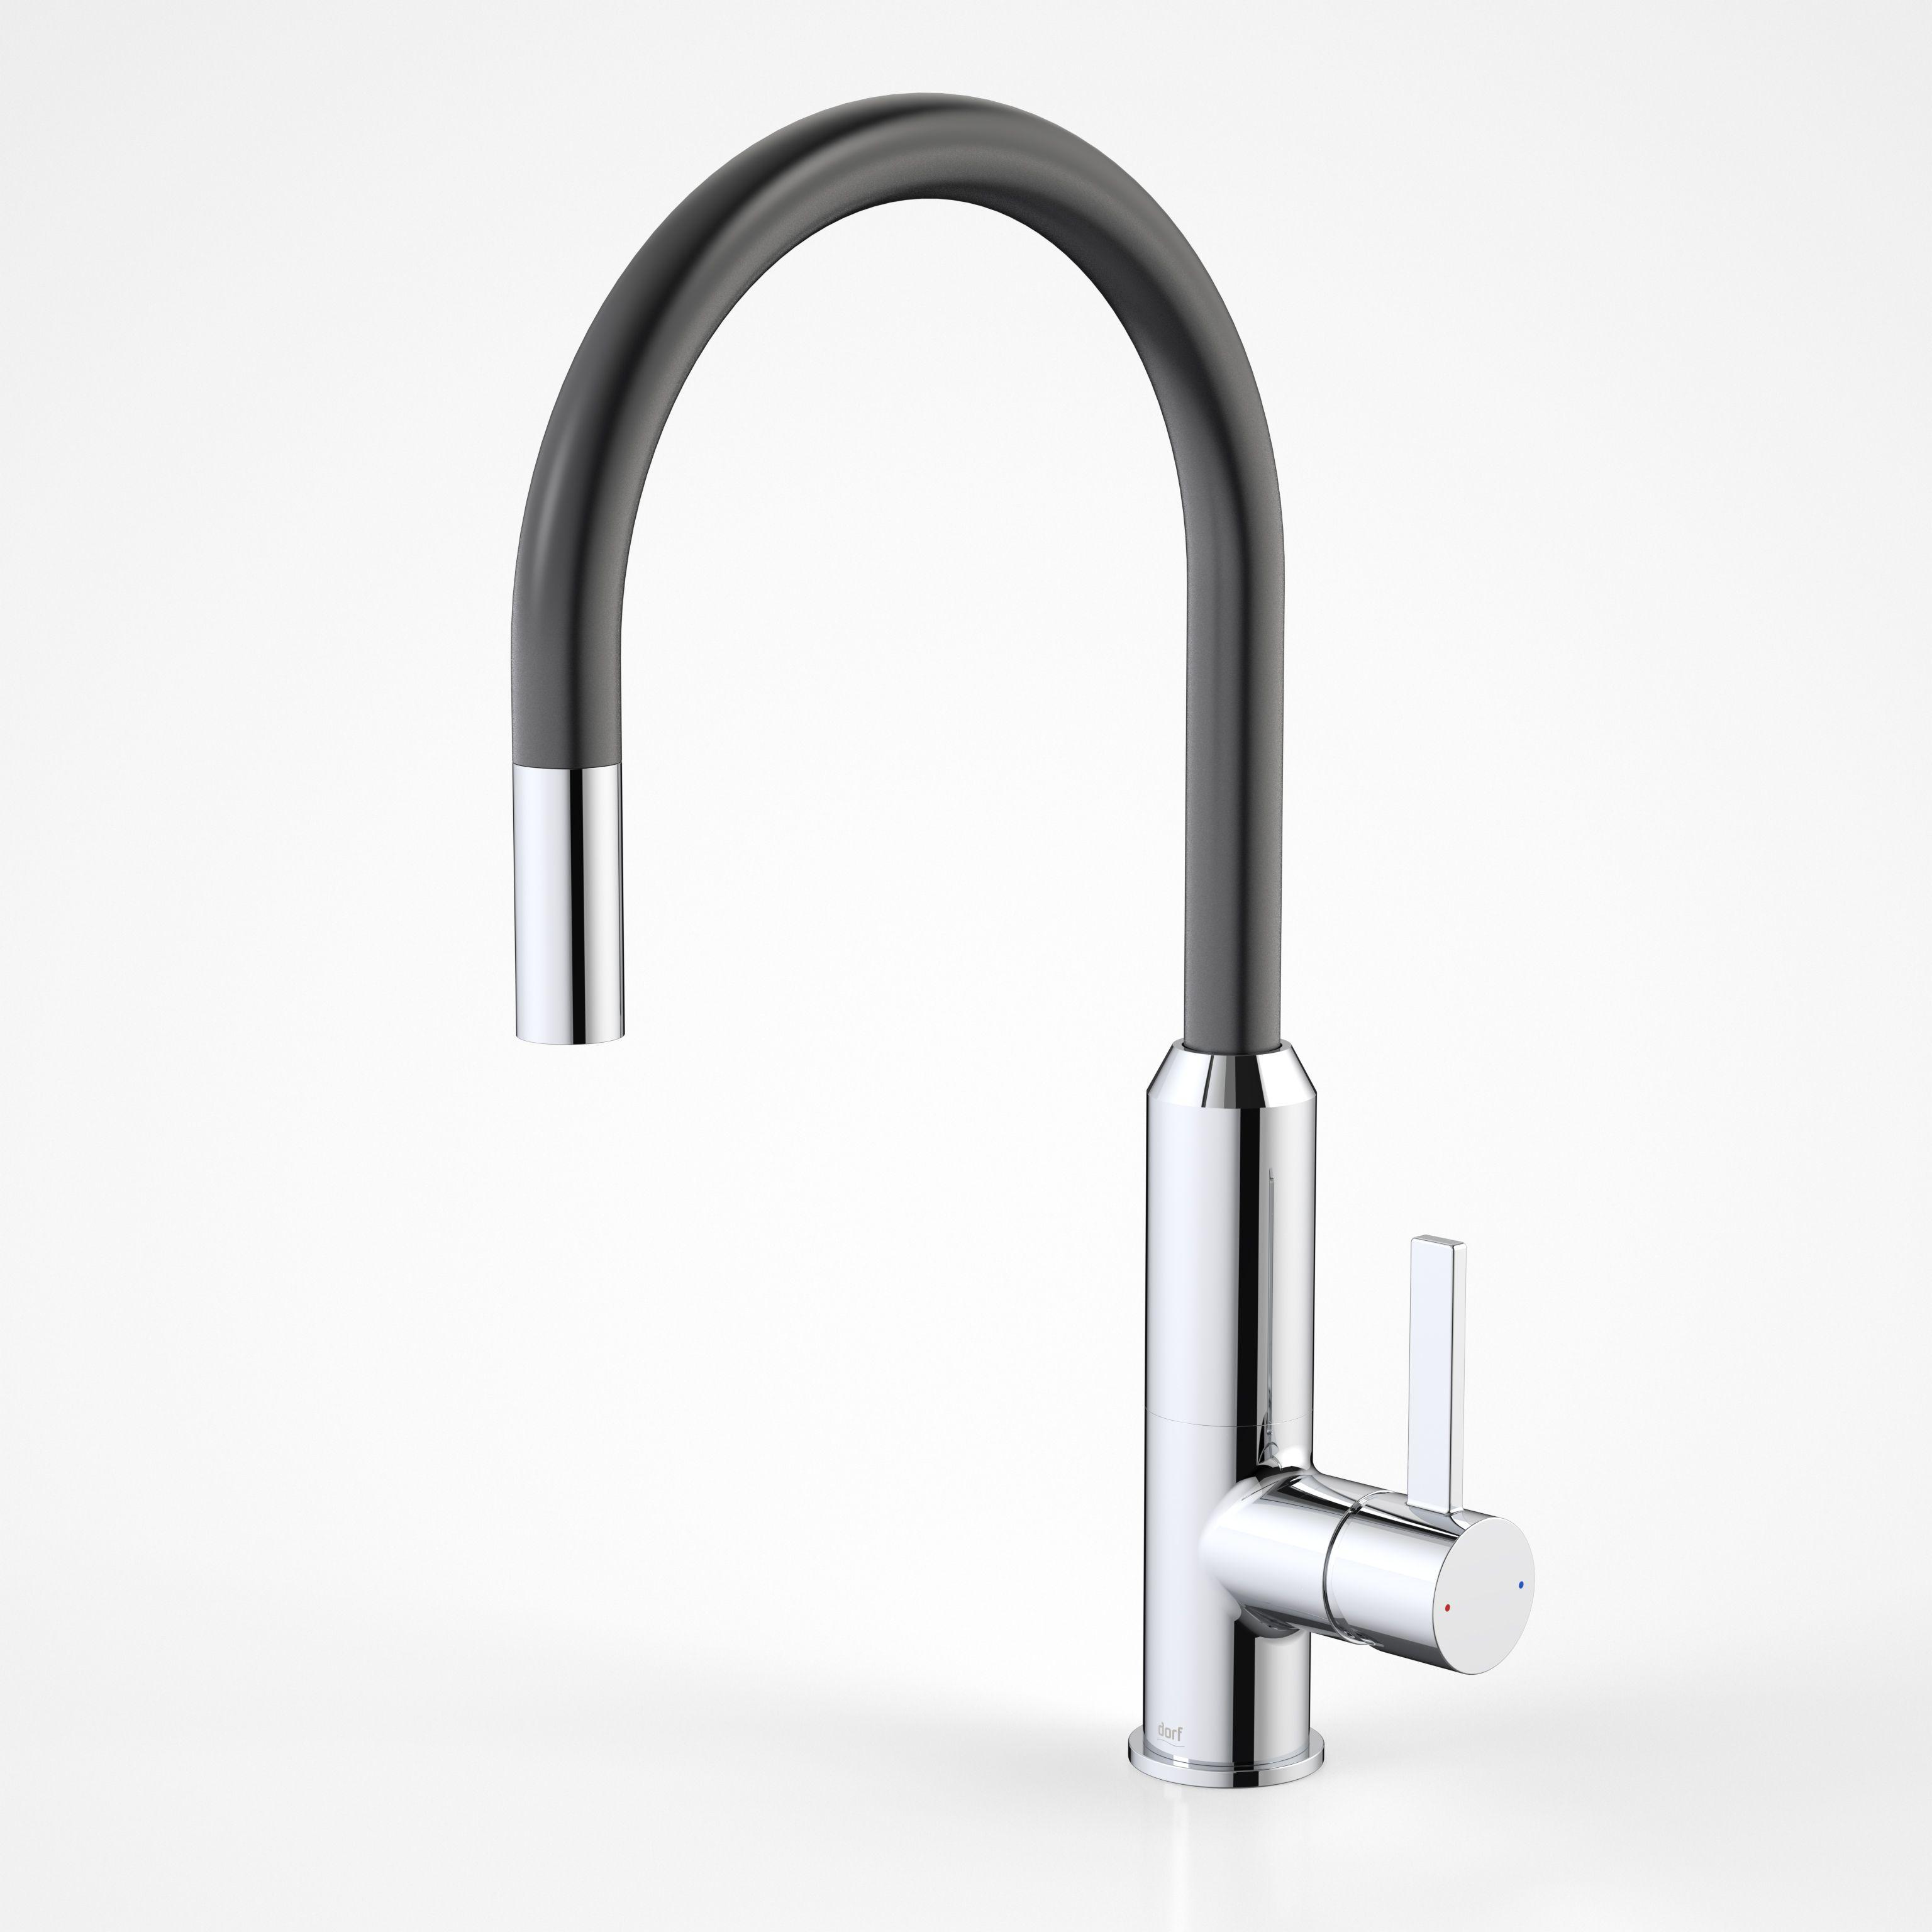 Dorf Vixen Sink Mixer ..for the monochrome kitchen http://dorf.com ...